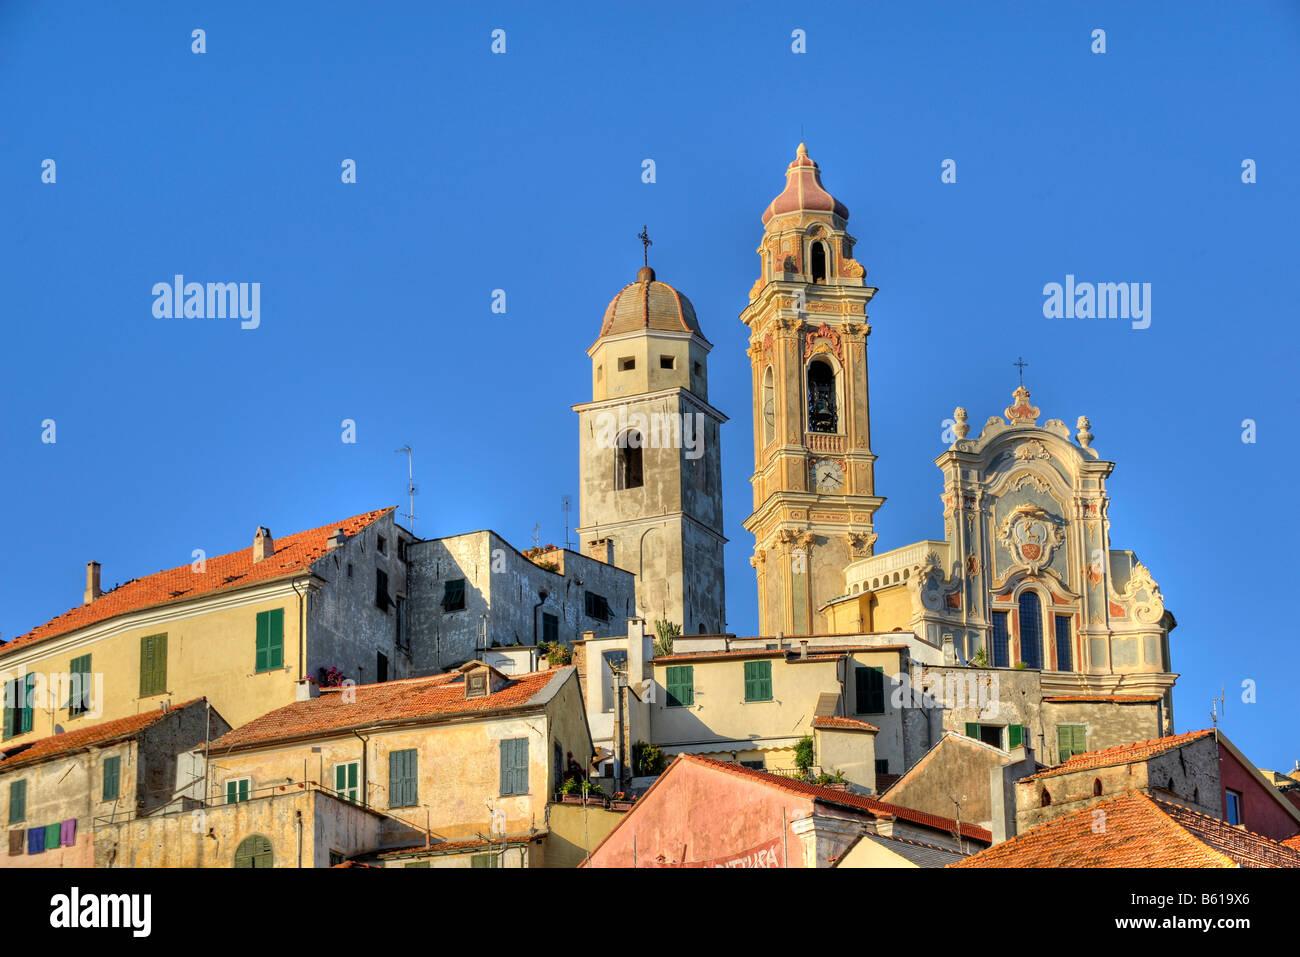 Cervo con la iglesia parroquial de San Giovanni Battista, Riviera dei Fiori, en Liguria, Italia, Europa Foto de stock